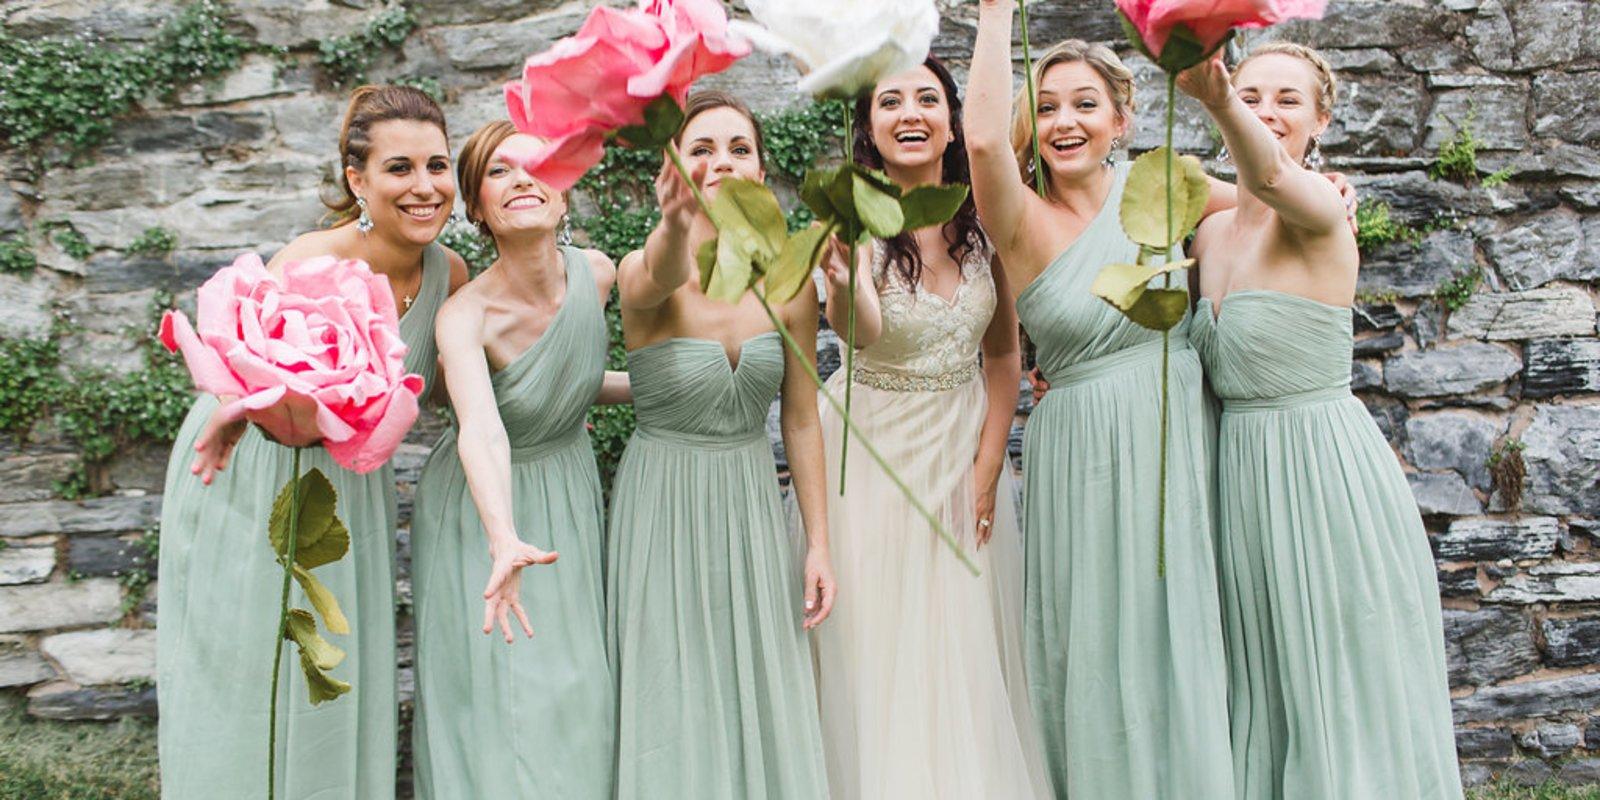 Hochzeitssprüche Lustig Lustige Sprüche Zur Hochzeit